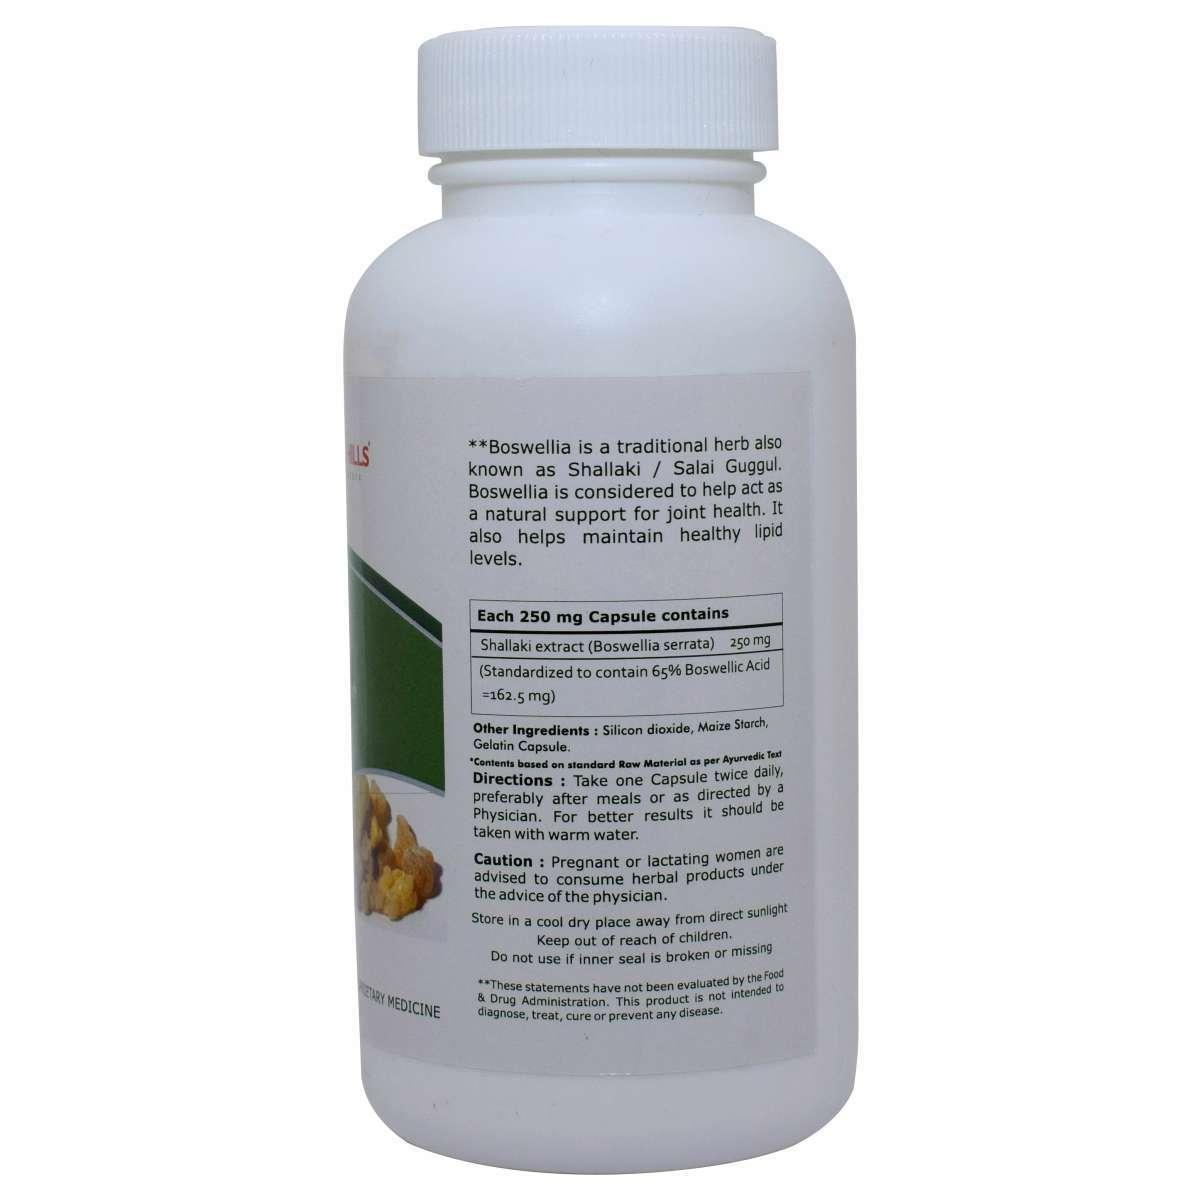 Ayurvedic Joint pain relief capsule - Boswa capsule - shallaki 120 capsule